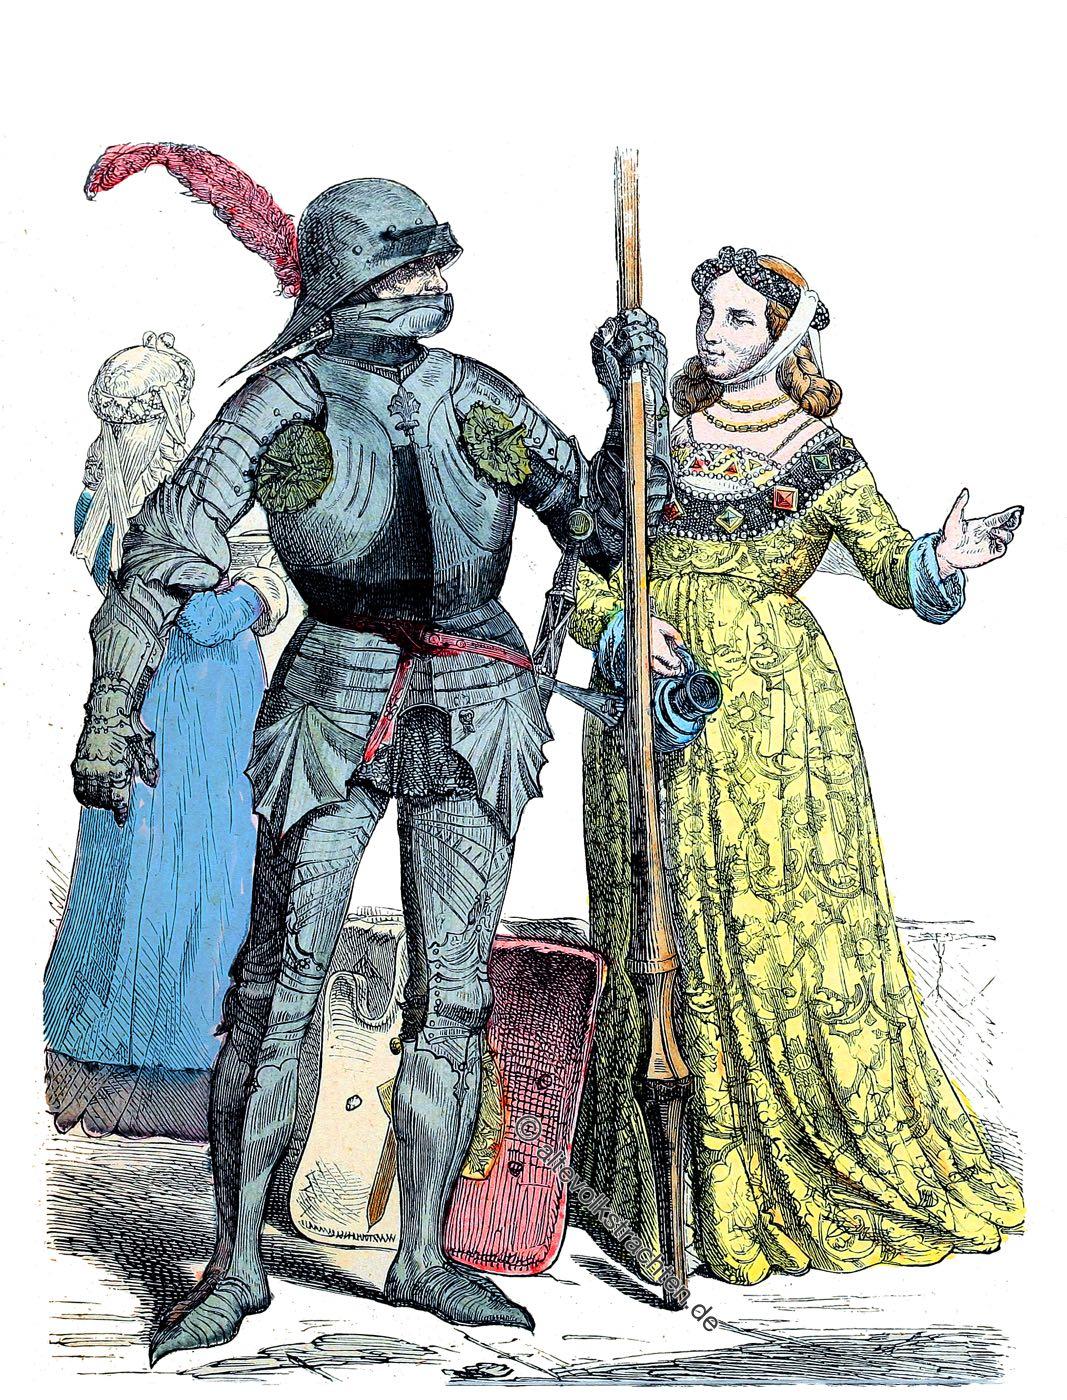 Ritter, Edelfrau, Gewandung, Kostüme, Mittelalter, Mode, Münchener Bilderbogen